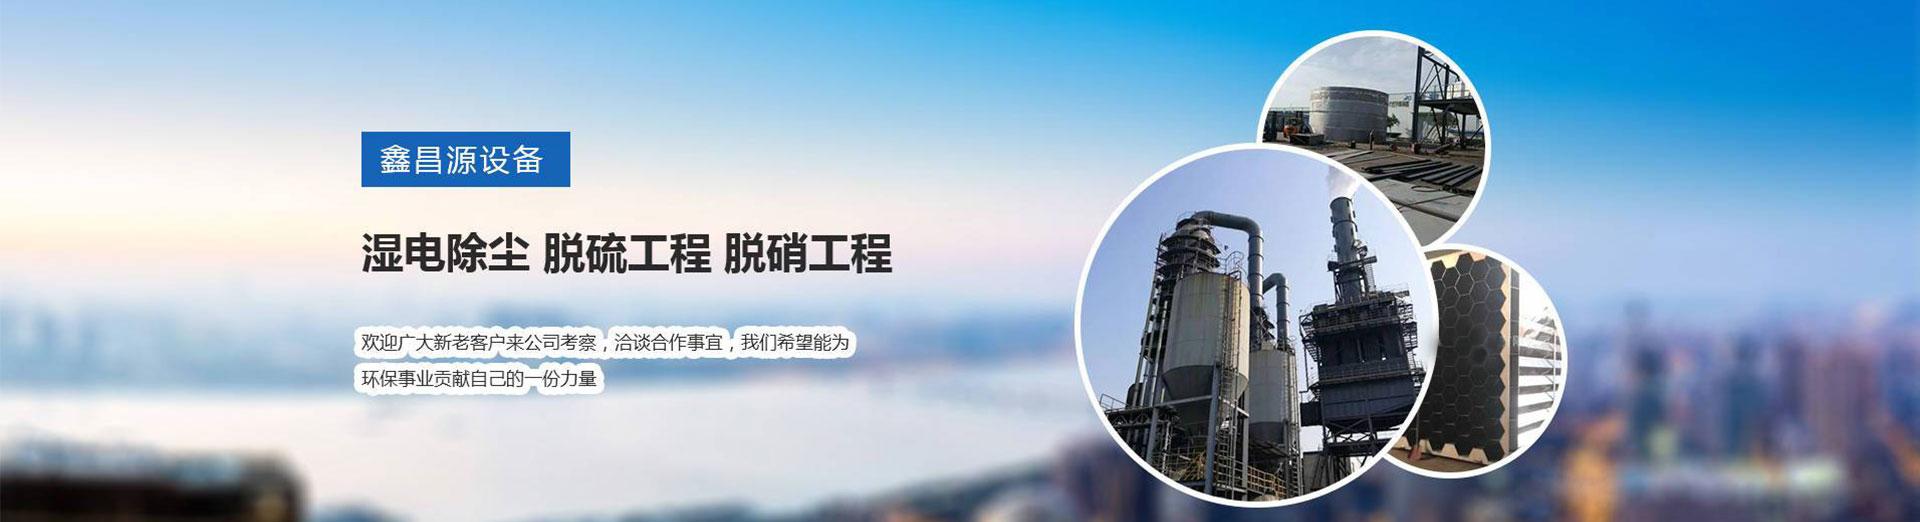 湿电除尘制造厂家理由做:脱硫工程承包商